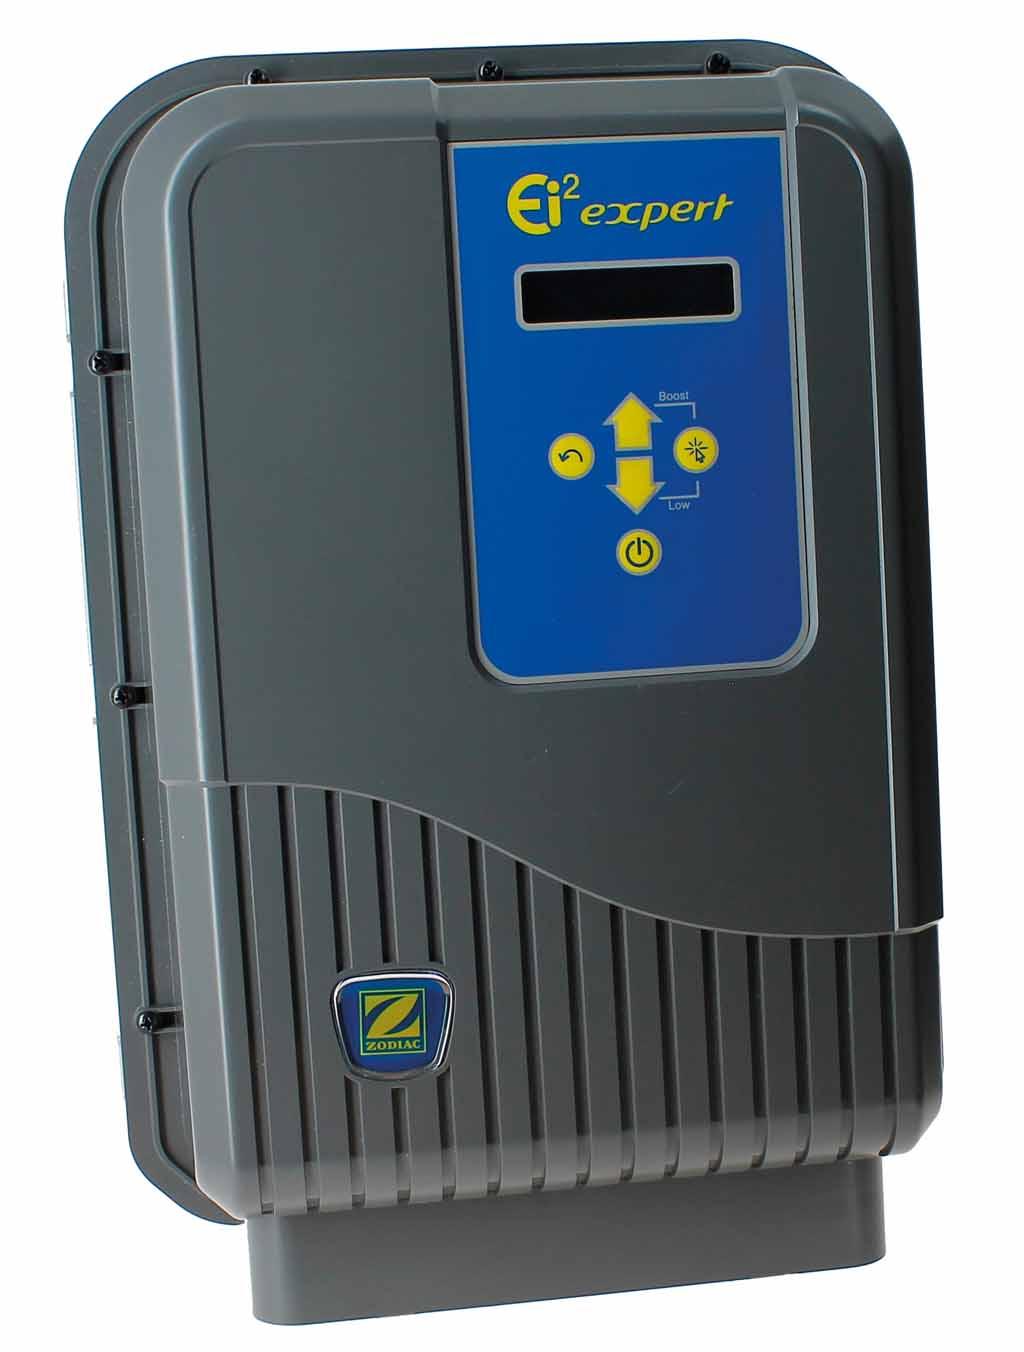 Úprava slané vody -- Zodiac Ei2 Expert® 10